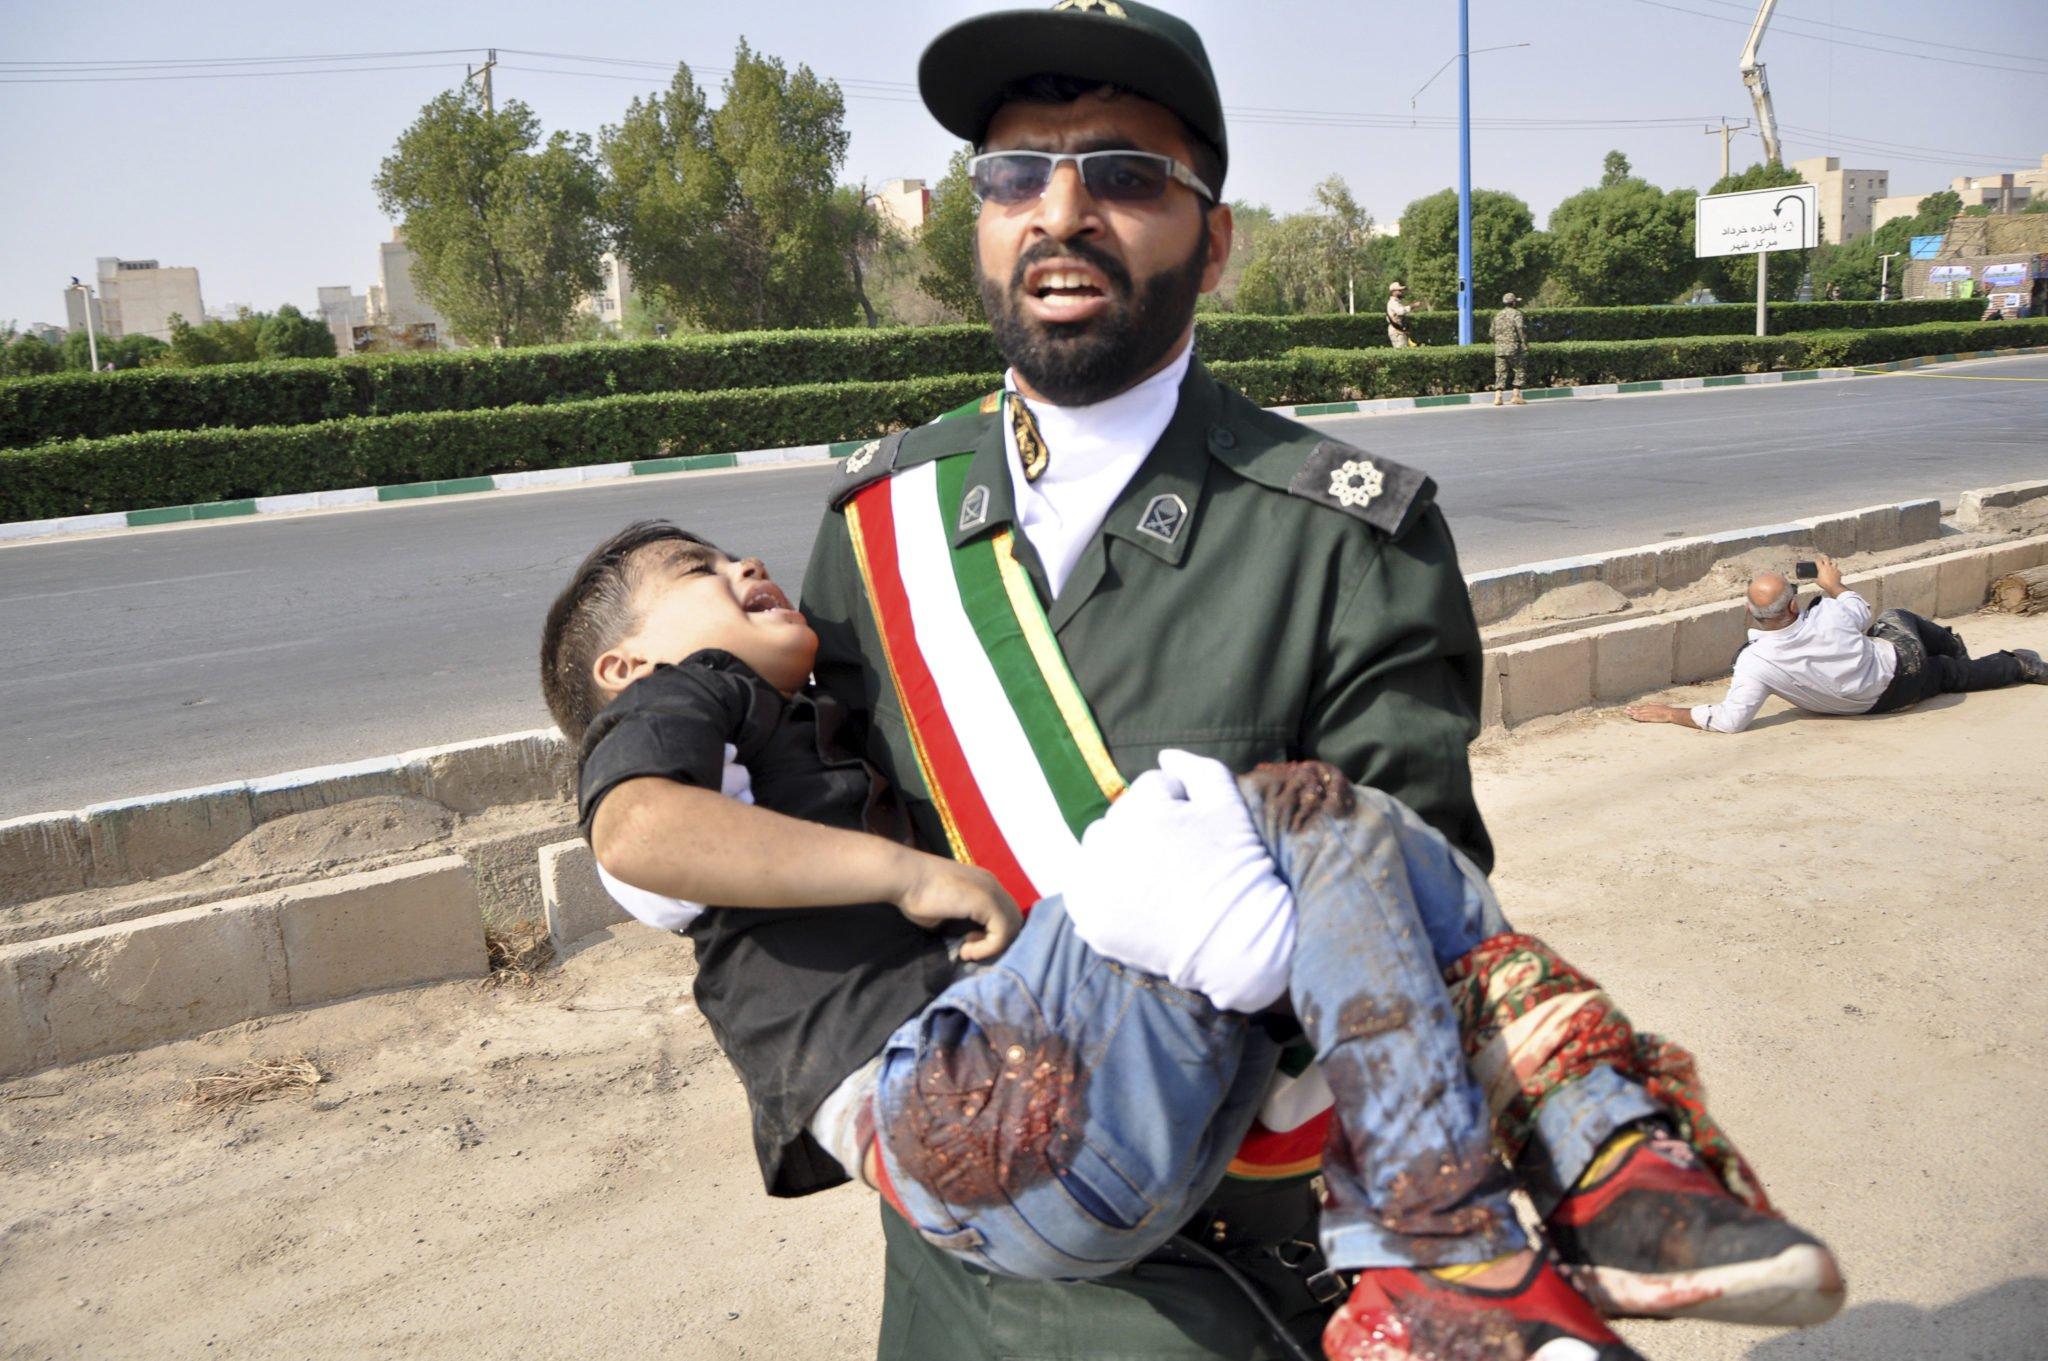 الاحوازیه مسئولیت خود در حمله تروریستی اهواز را تکذیب کرد